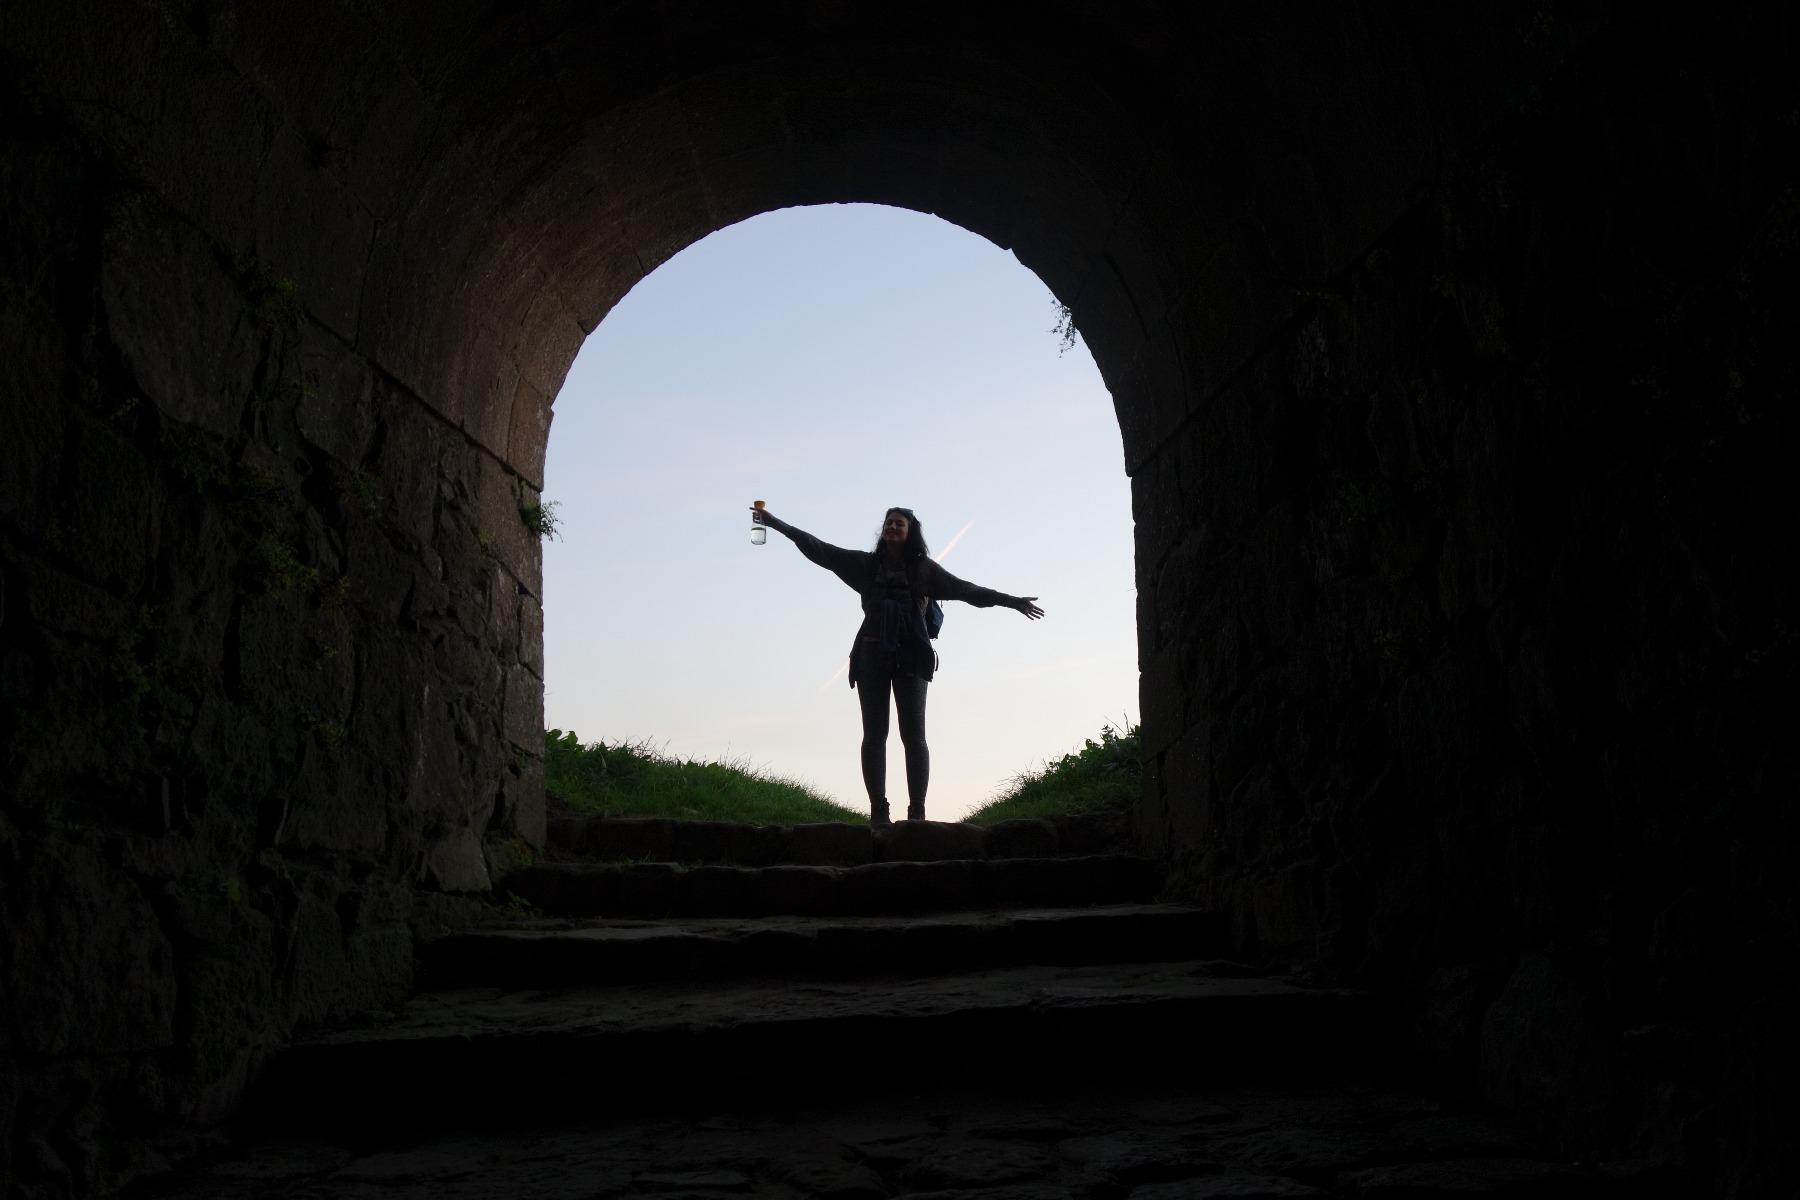 Mensch im Tunnel